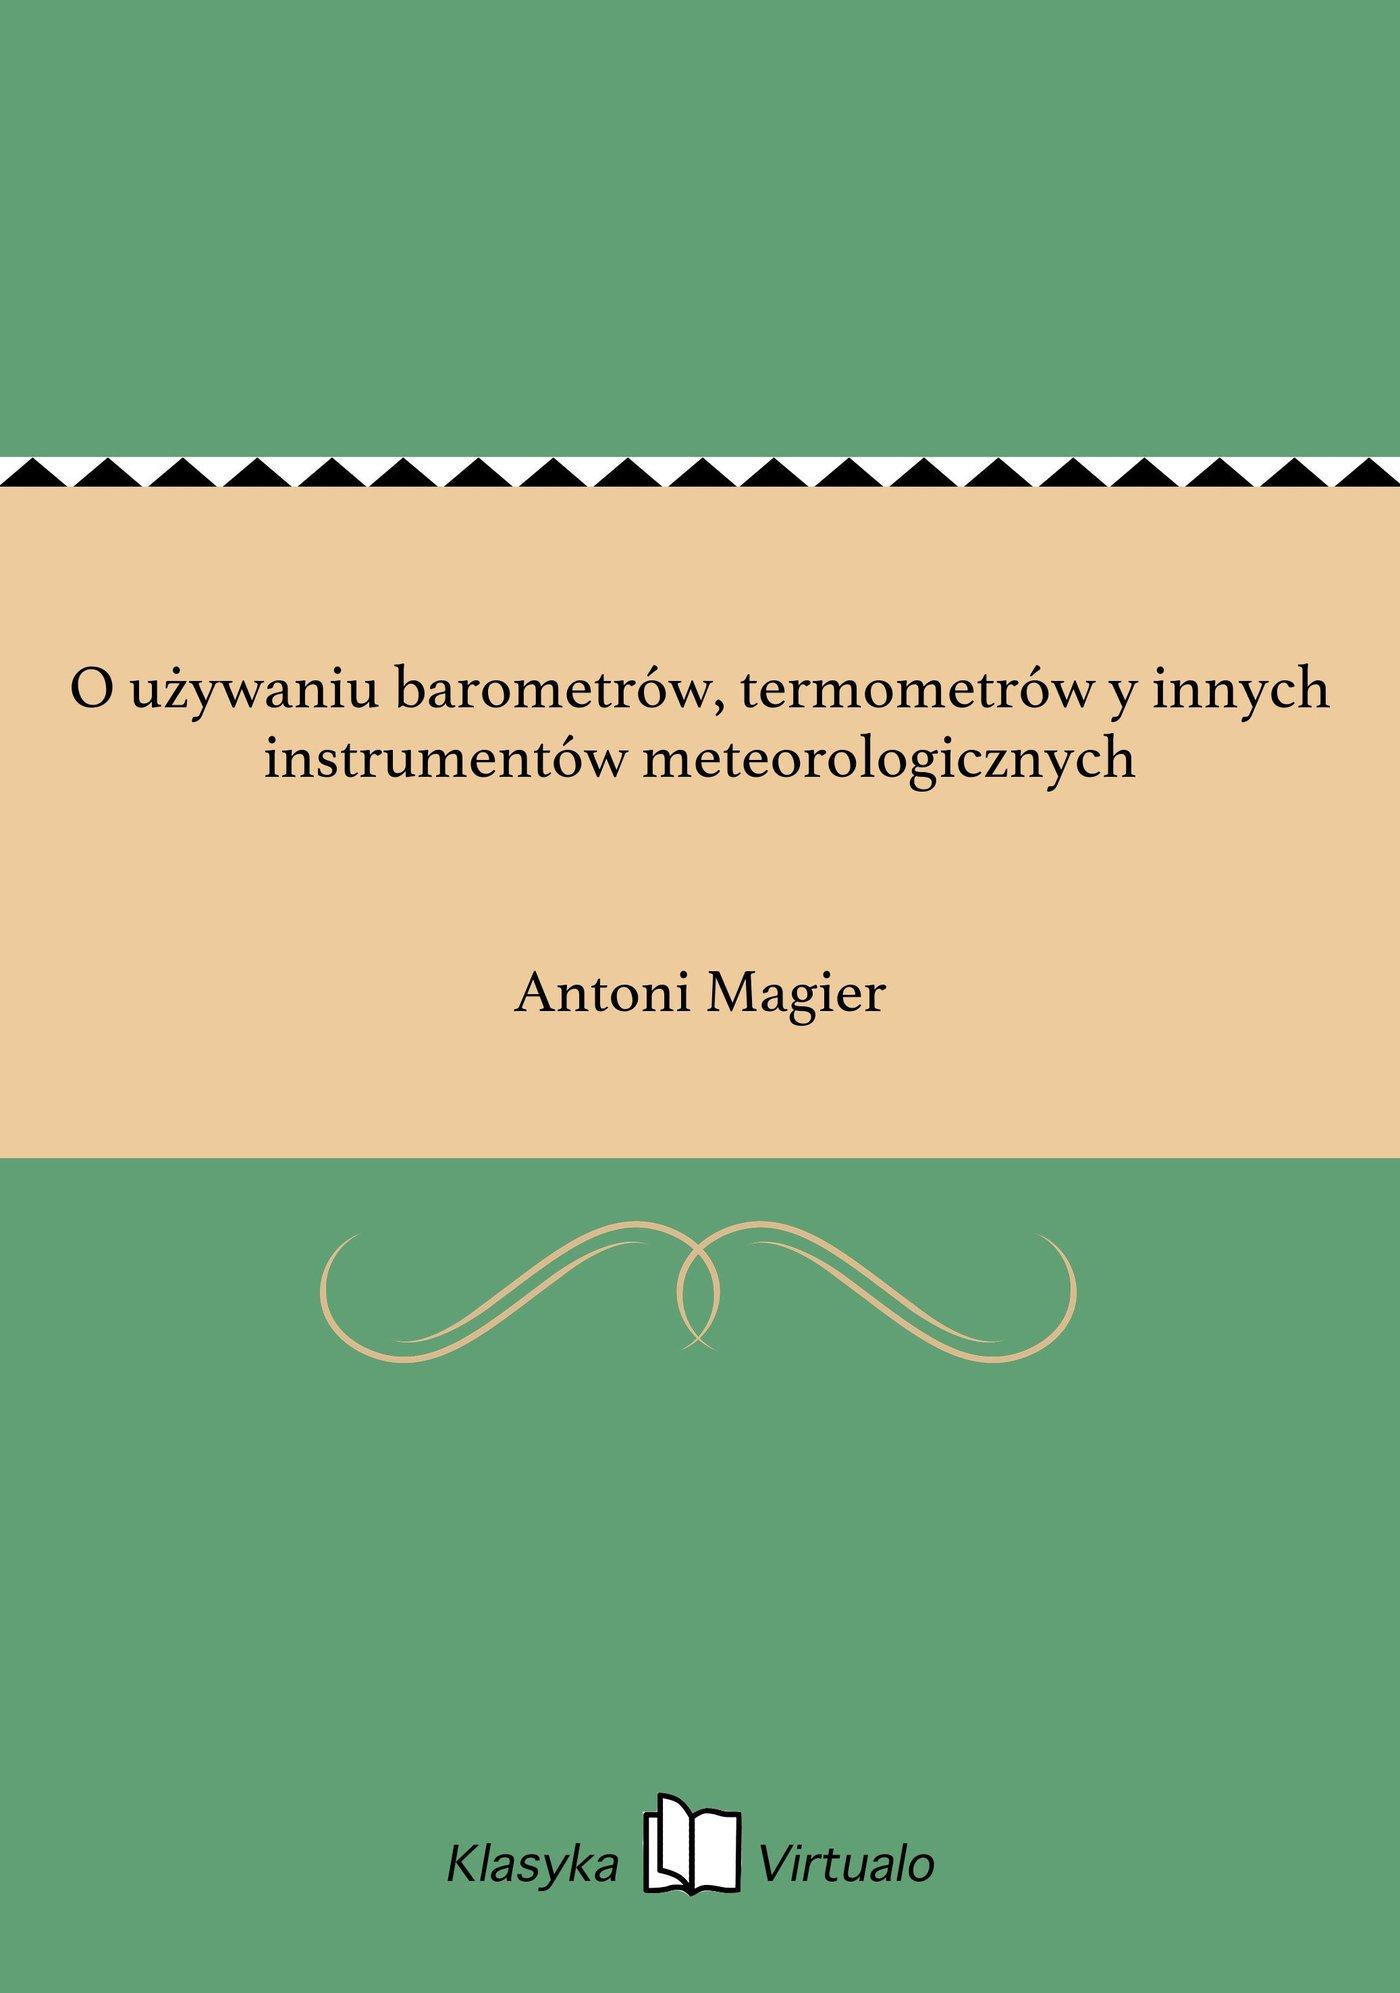 O używaniu barometrów, termometrów y innych instrumentów meteorologicznych - Ebook (Książka EPUB) do pobrania w formacie EPUB